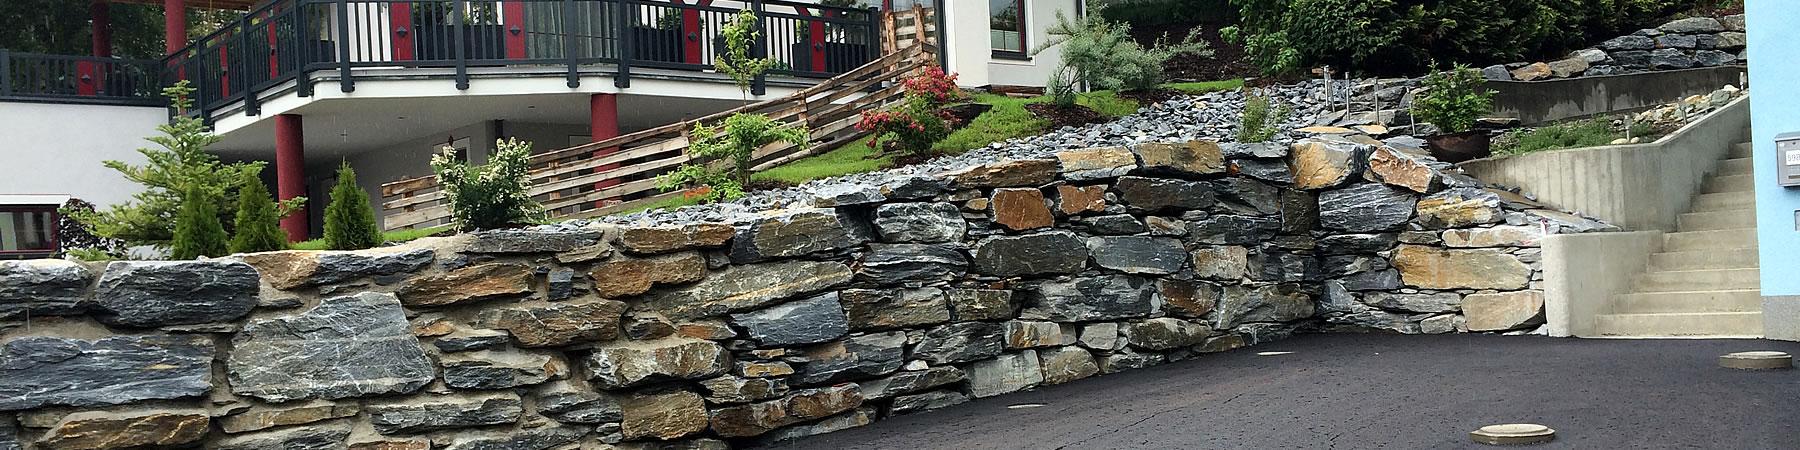 natursteinmauer korbsteinmauer und hangbefestigung. Black Bedroom Furniture Sets. Home Design Ideas